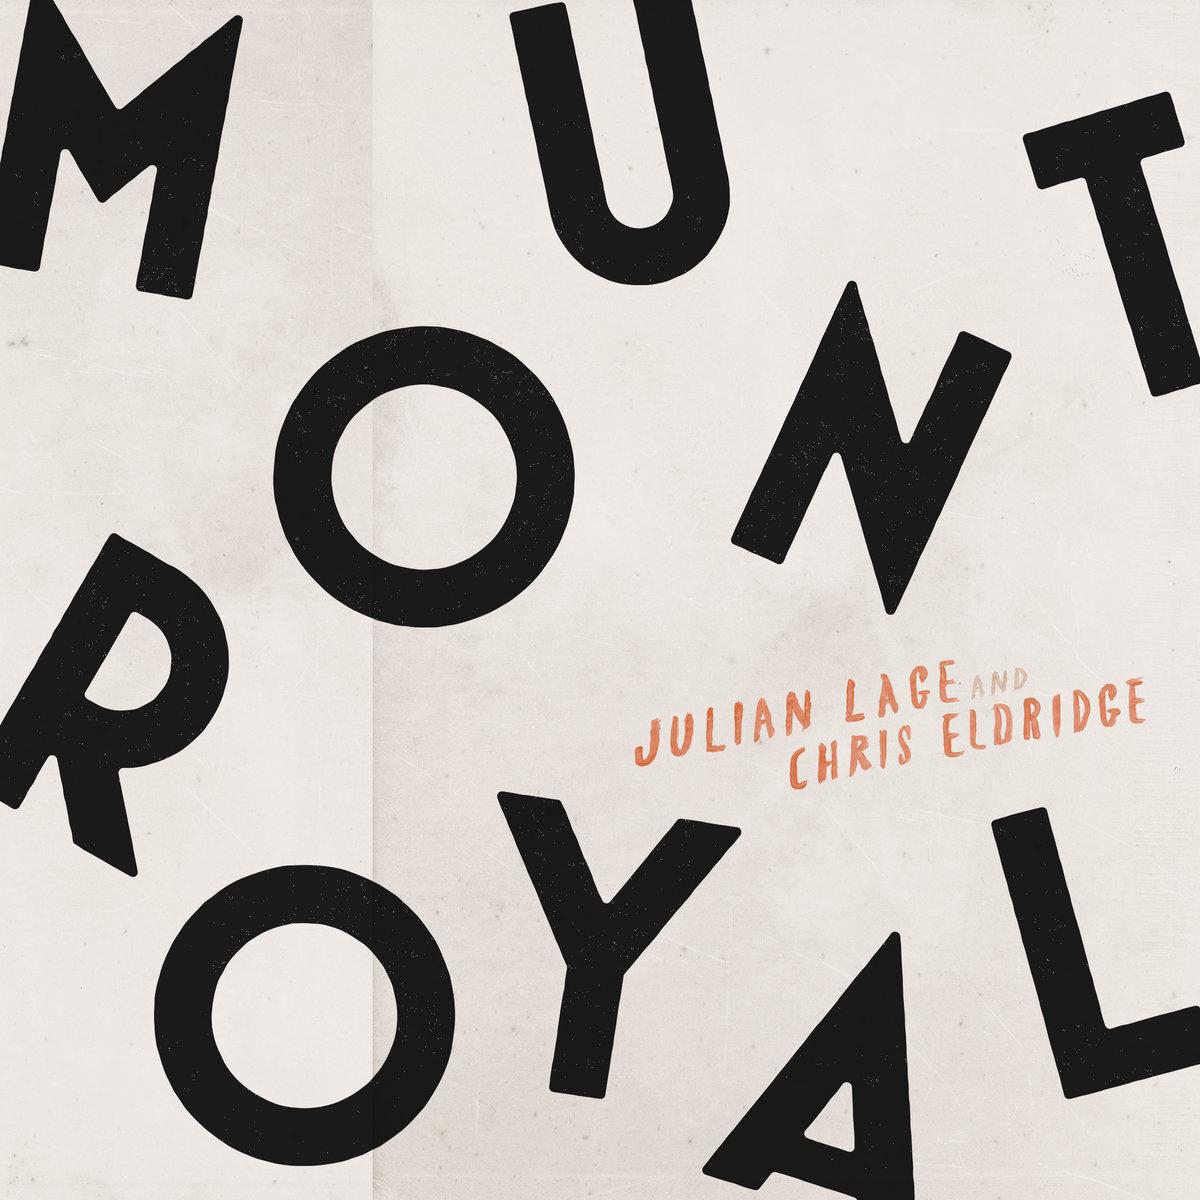 Julian Lage & Chris Eldridge - Mount Royal Grammy Nominated